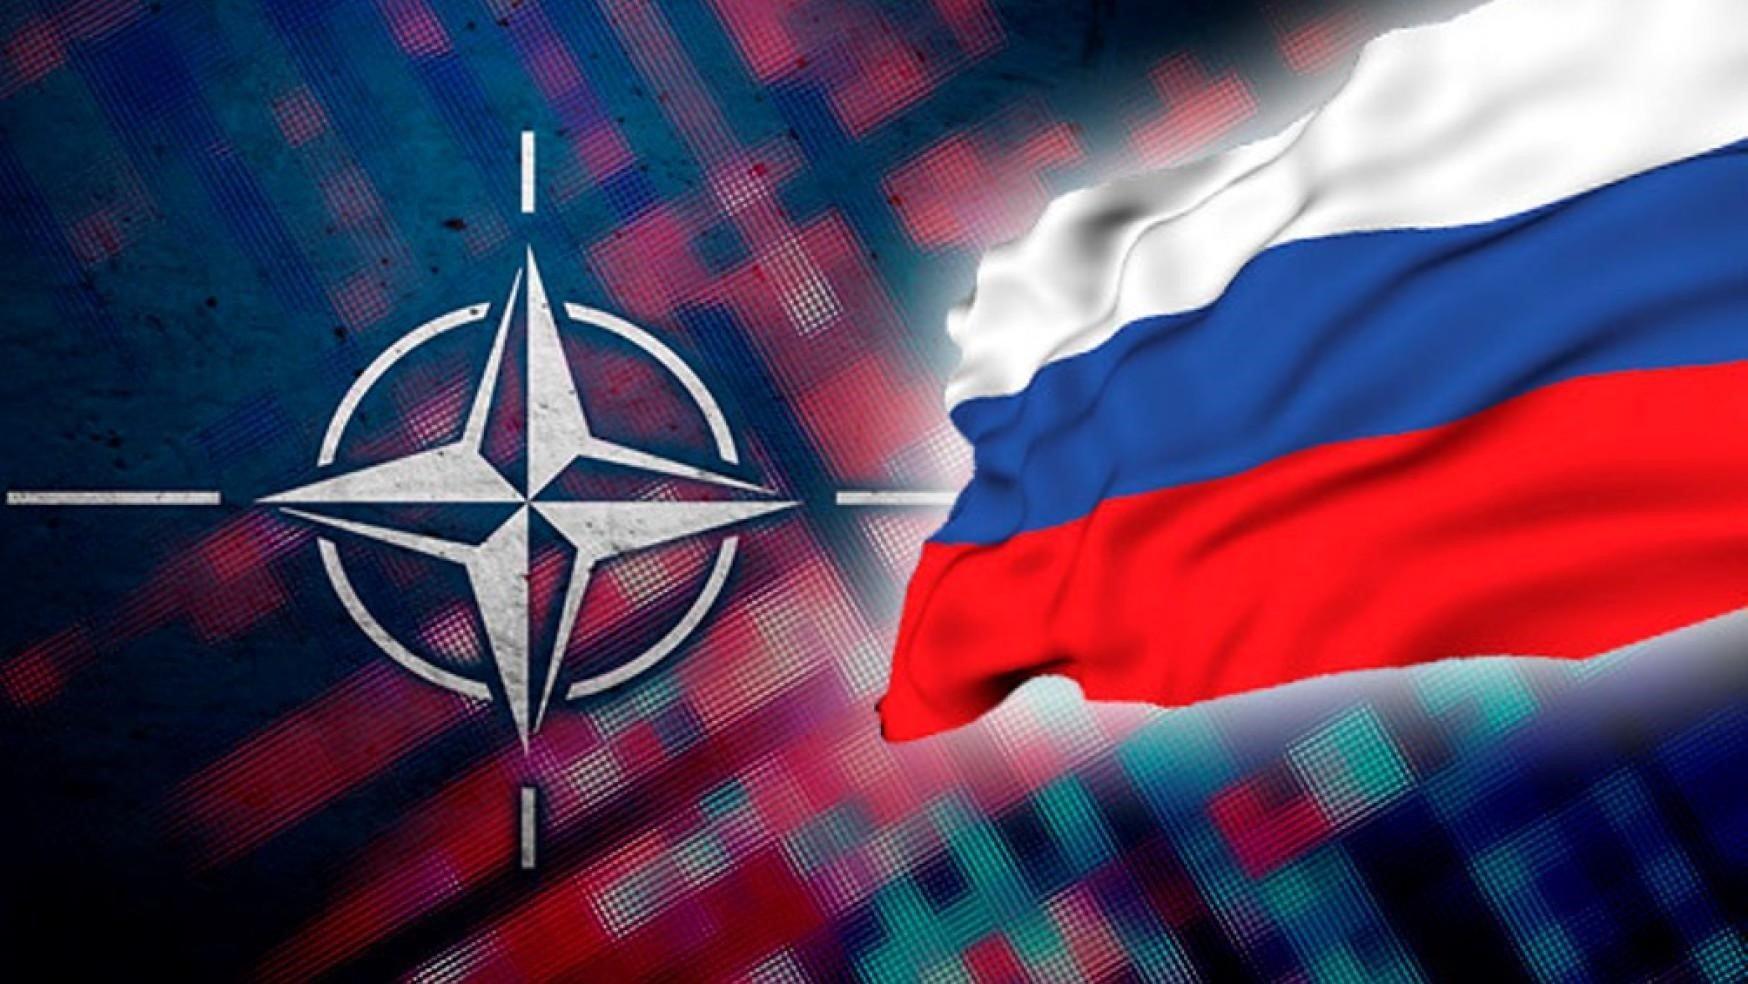 Ռուսաստանը փակեց իր ներկայացուցչութիւնը «ՆԱԹՕ»ի մօտ